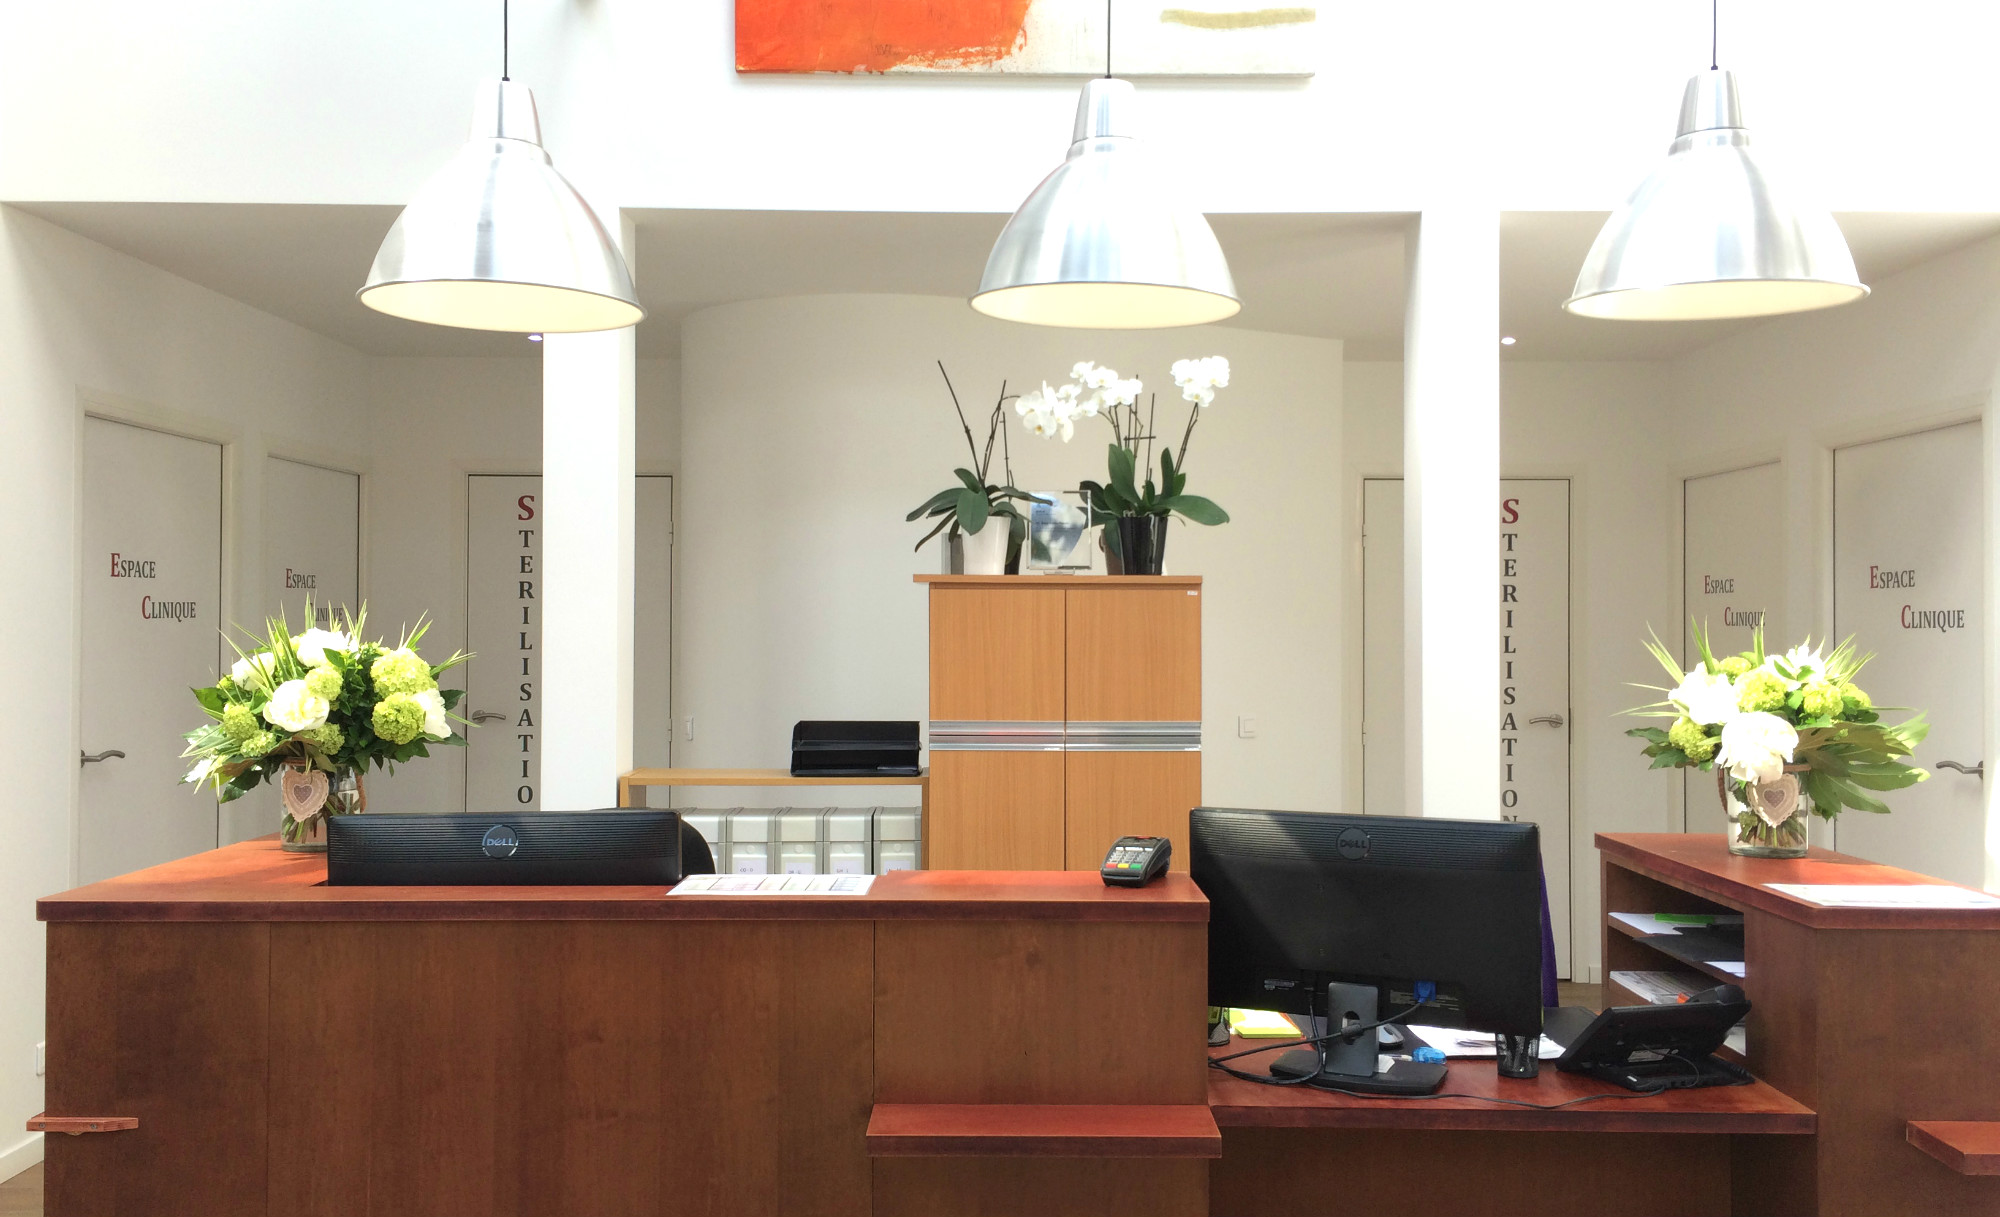 Le hall d'accueil du cabinet d'orthodontie invisible du Dr Pierson à Meudon